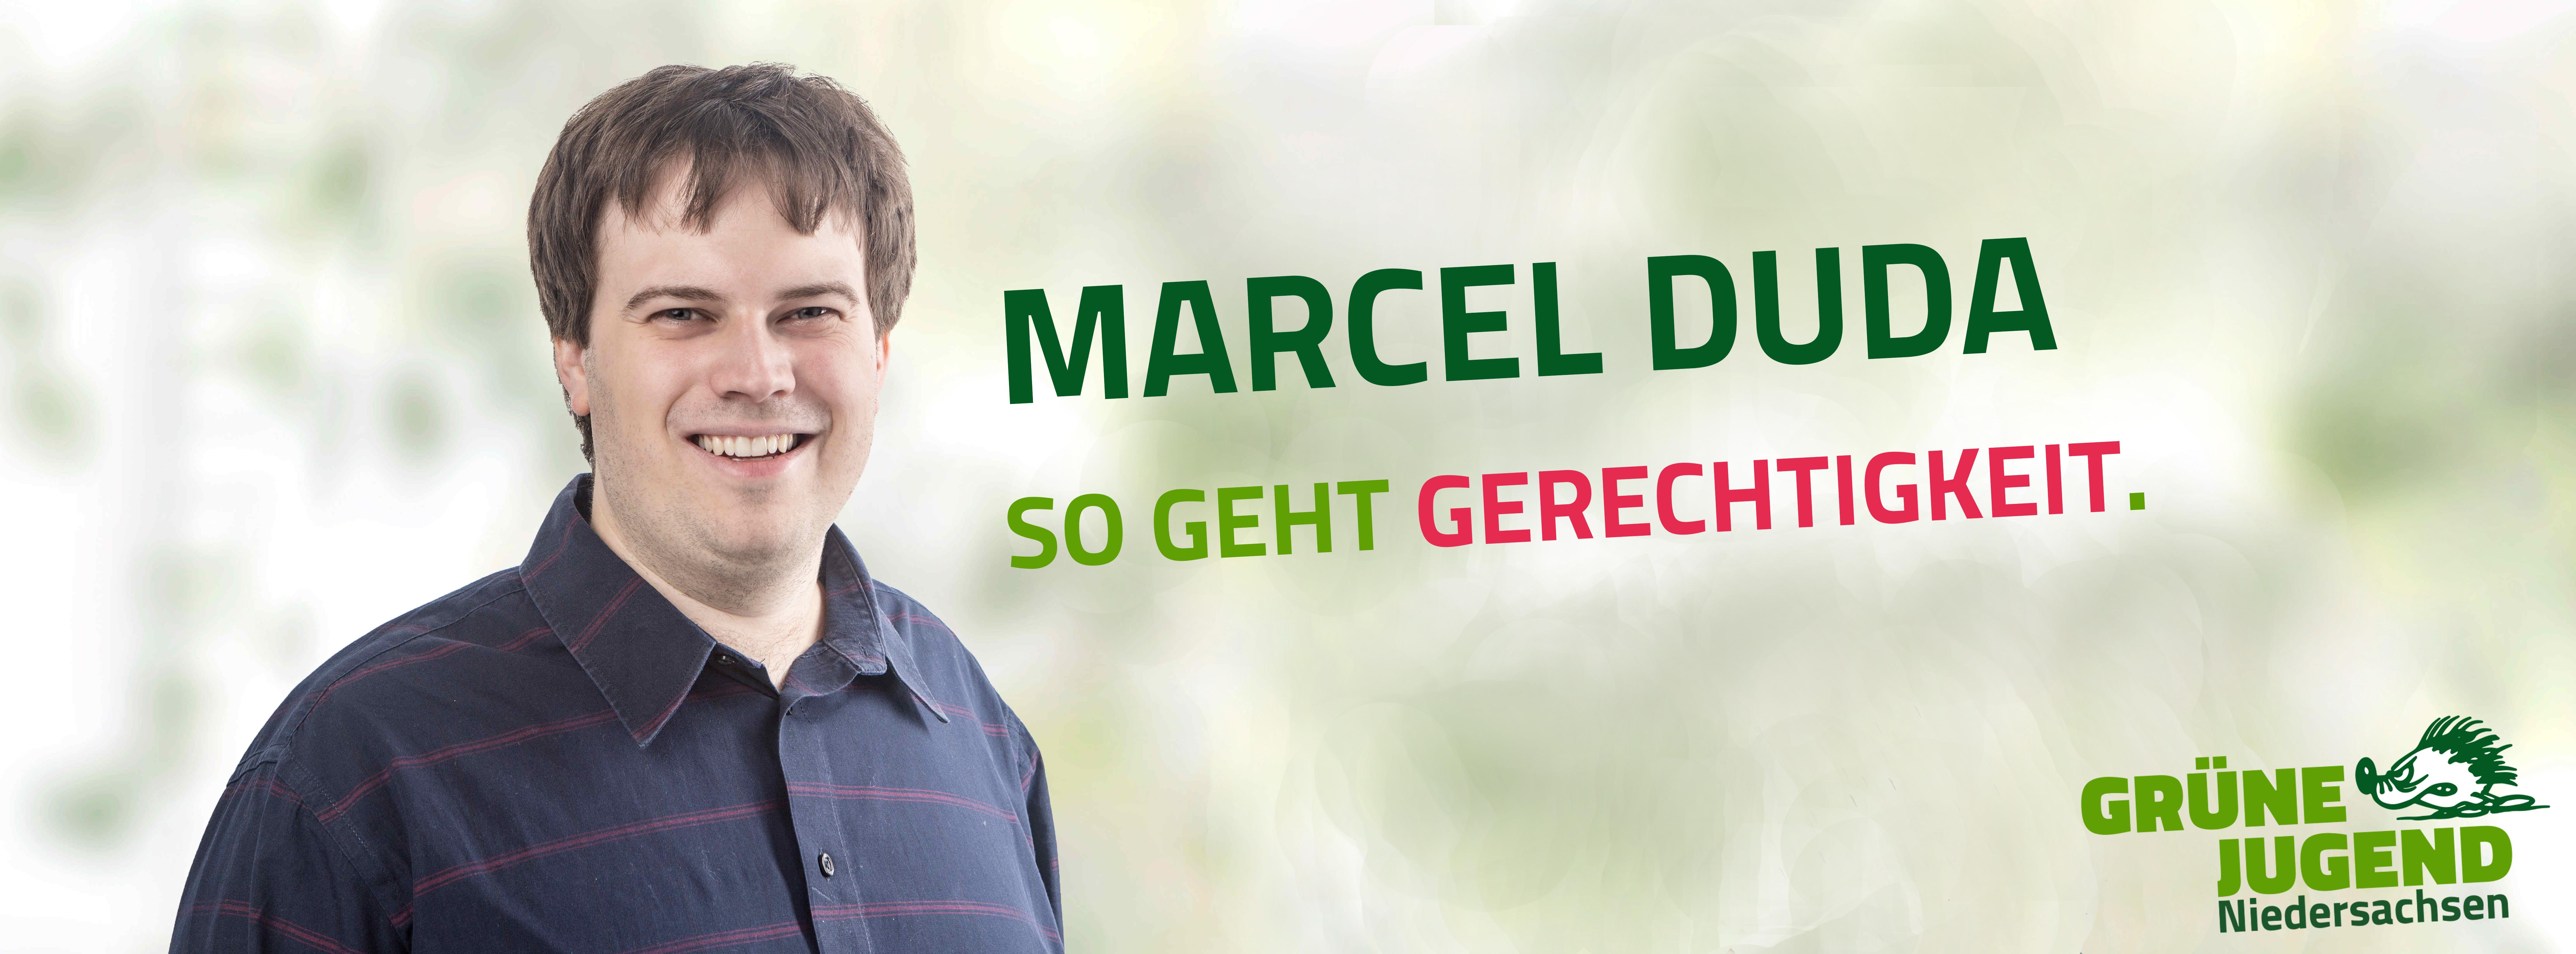 Marcel Duda Kandidat für die Bundestagswahl 2017